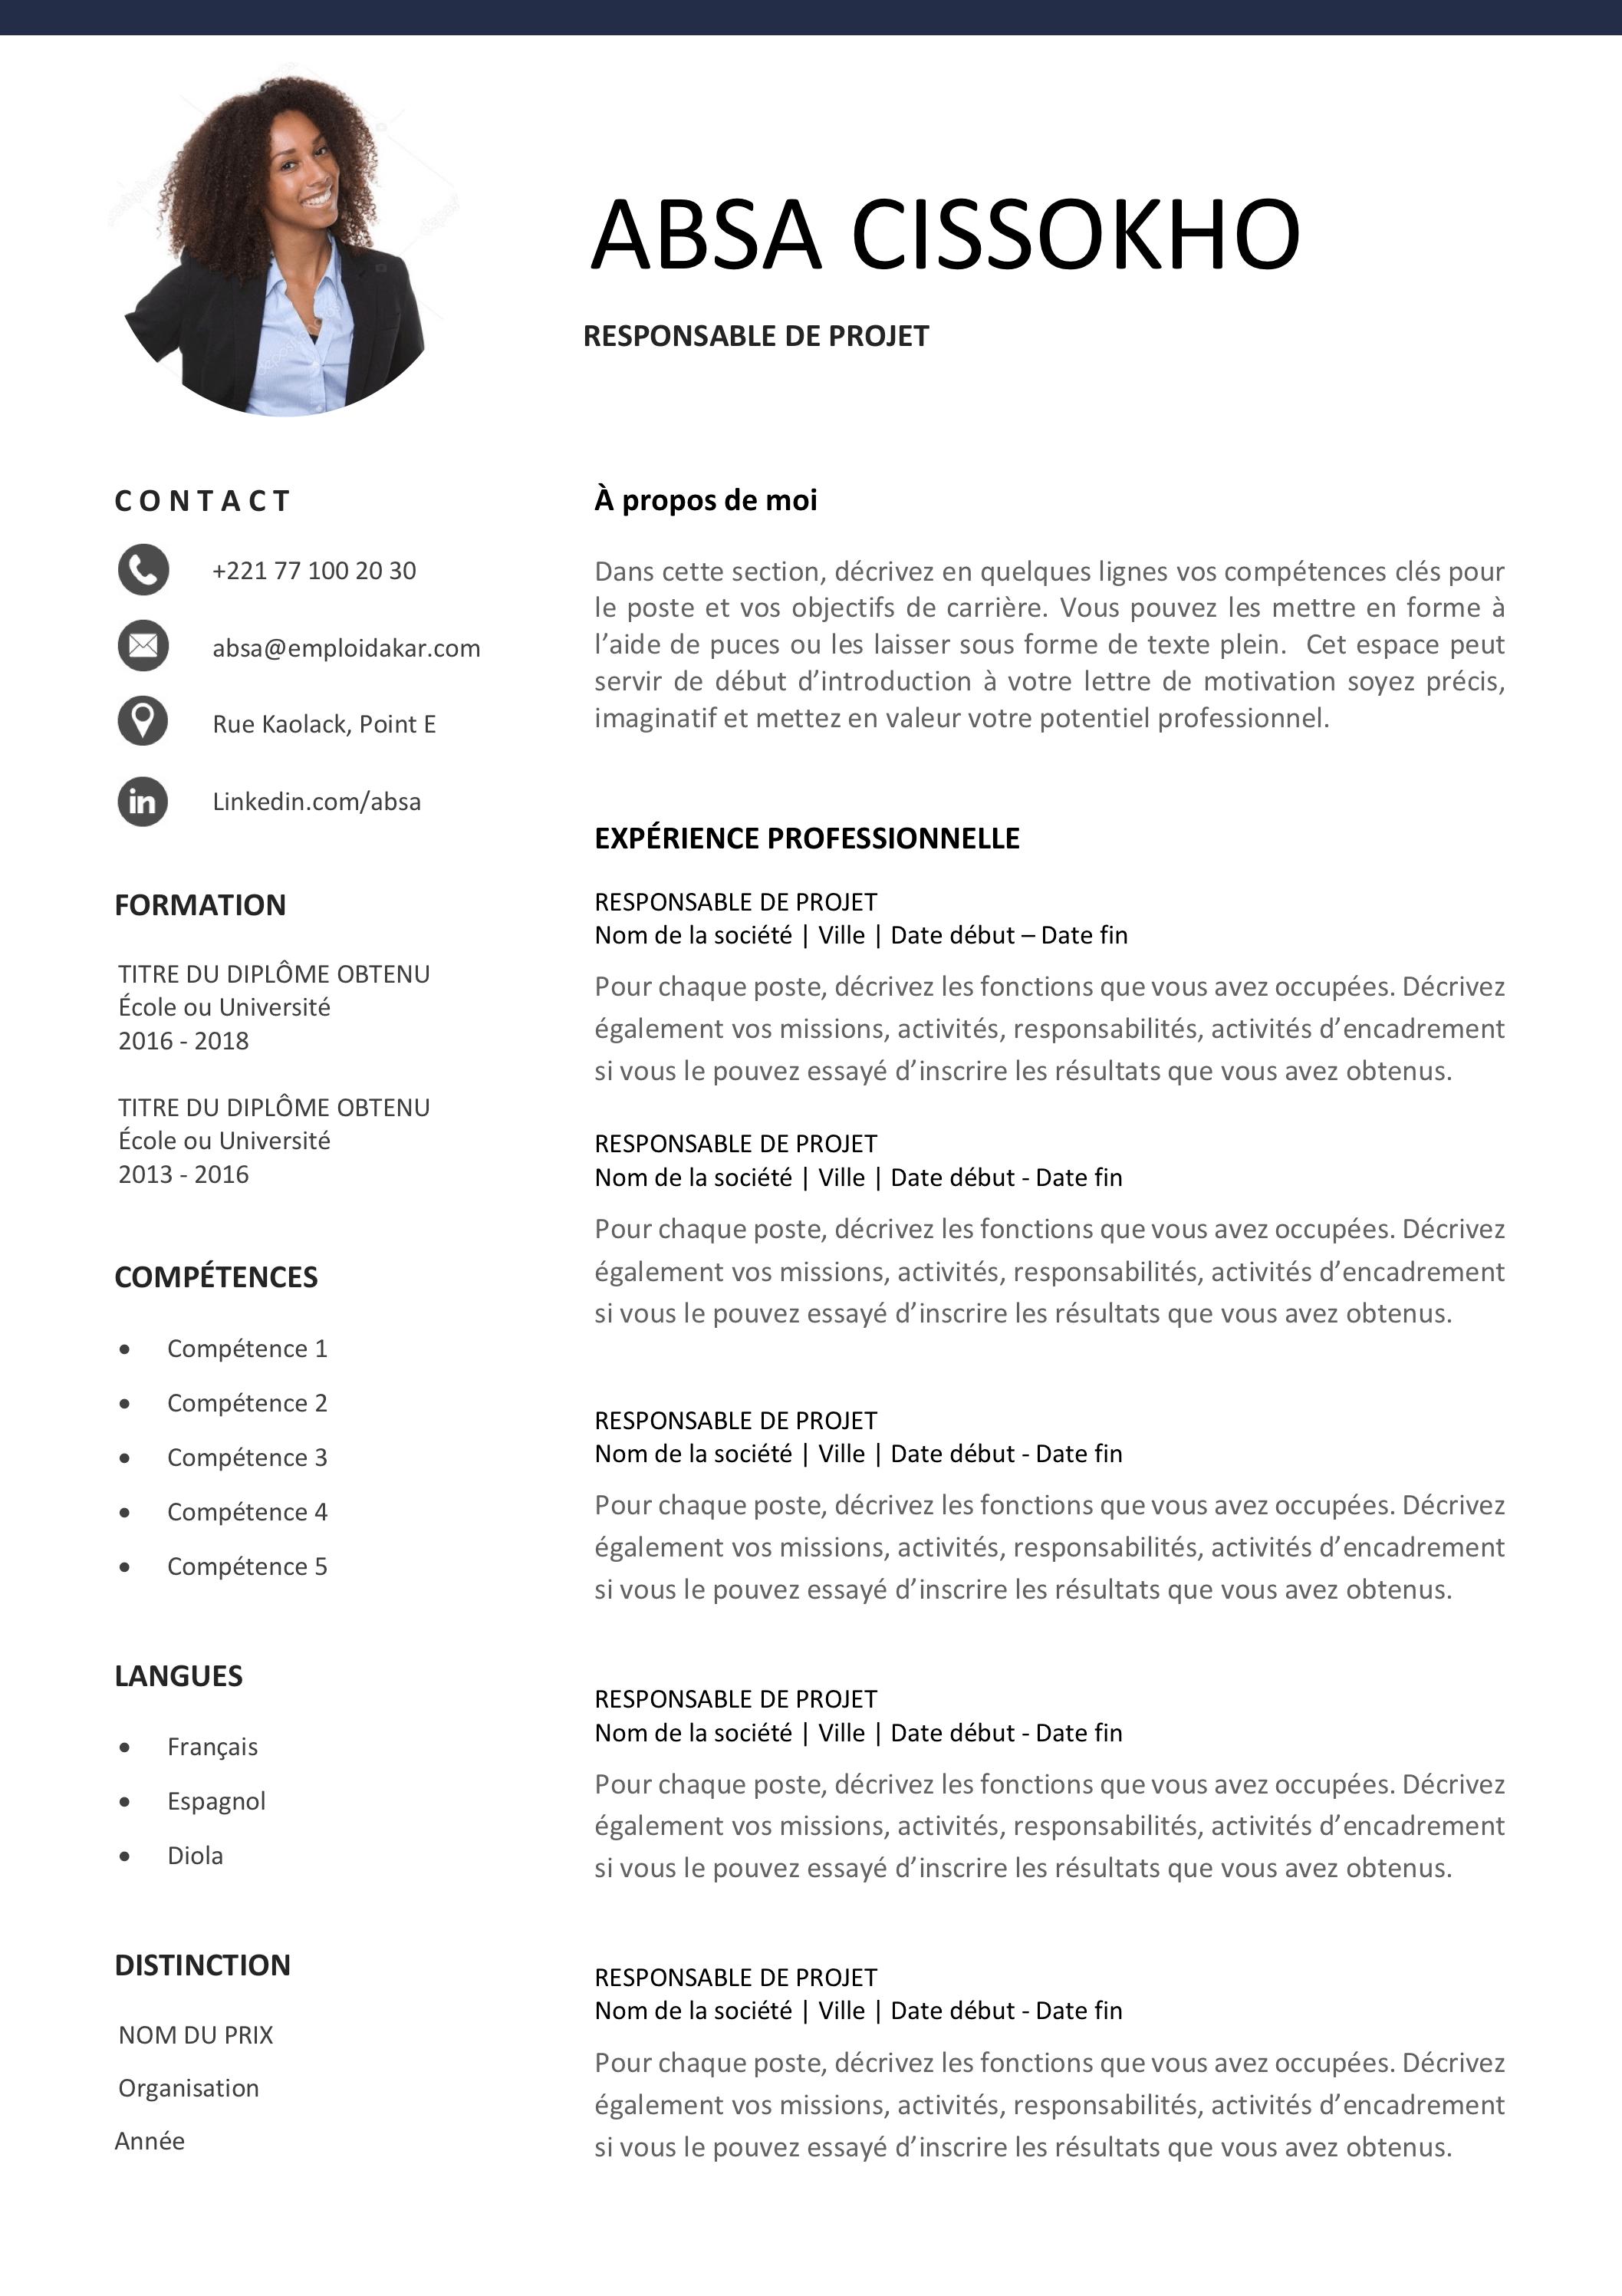 Plus adapté Exemple de CV Responsable / Chef de Projet | Emploi Dakar DT-82